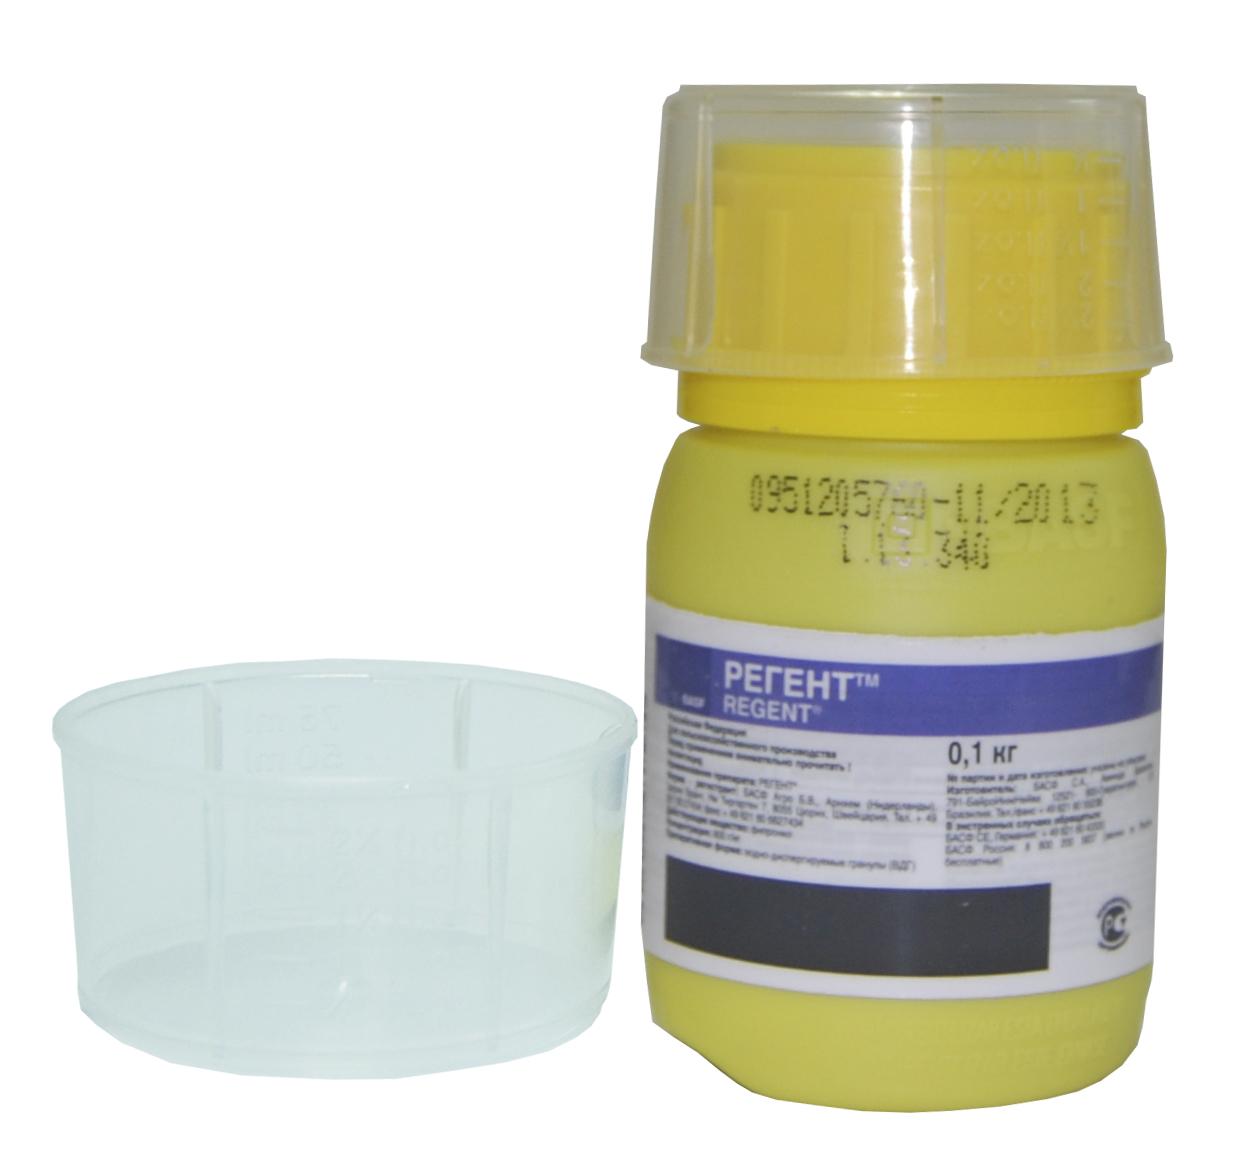 Эффективное средство на основе фипронила - Регент